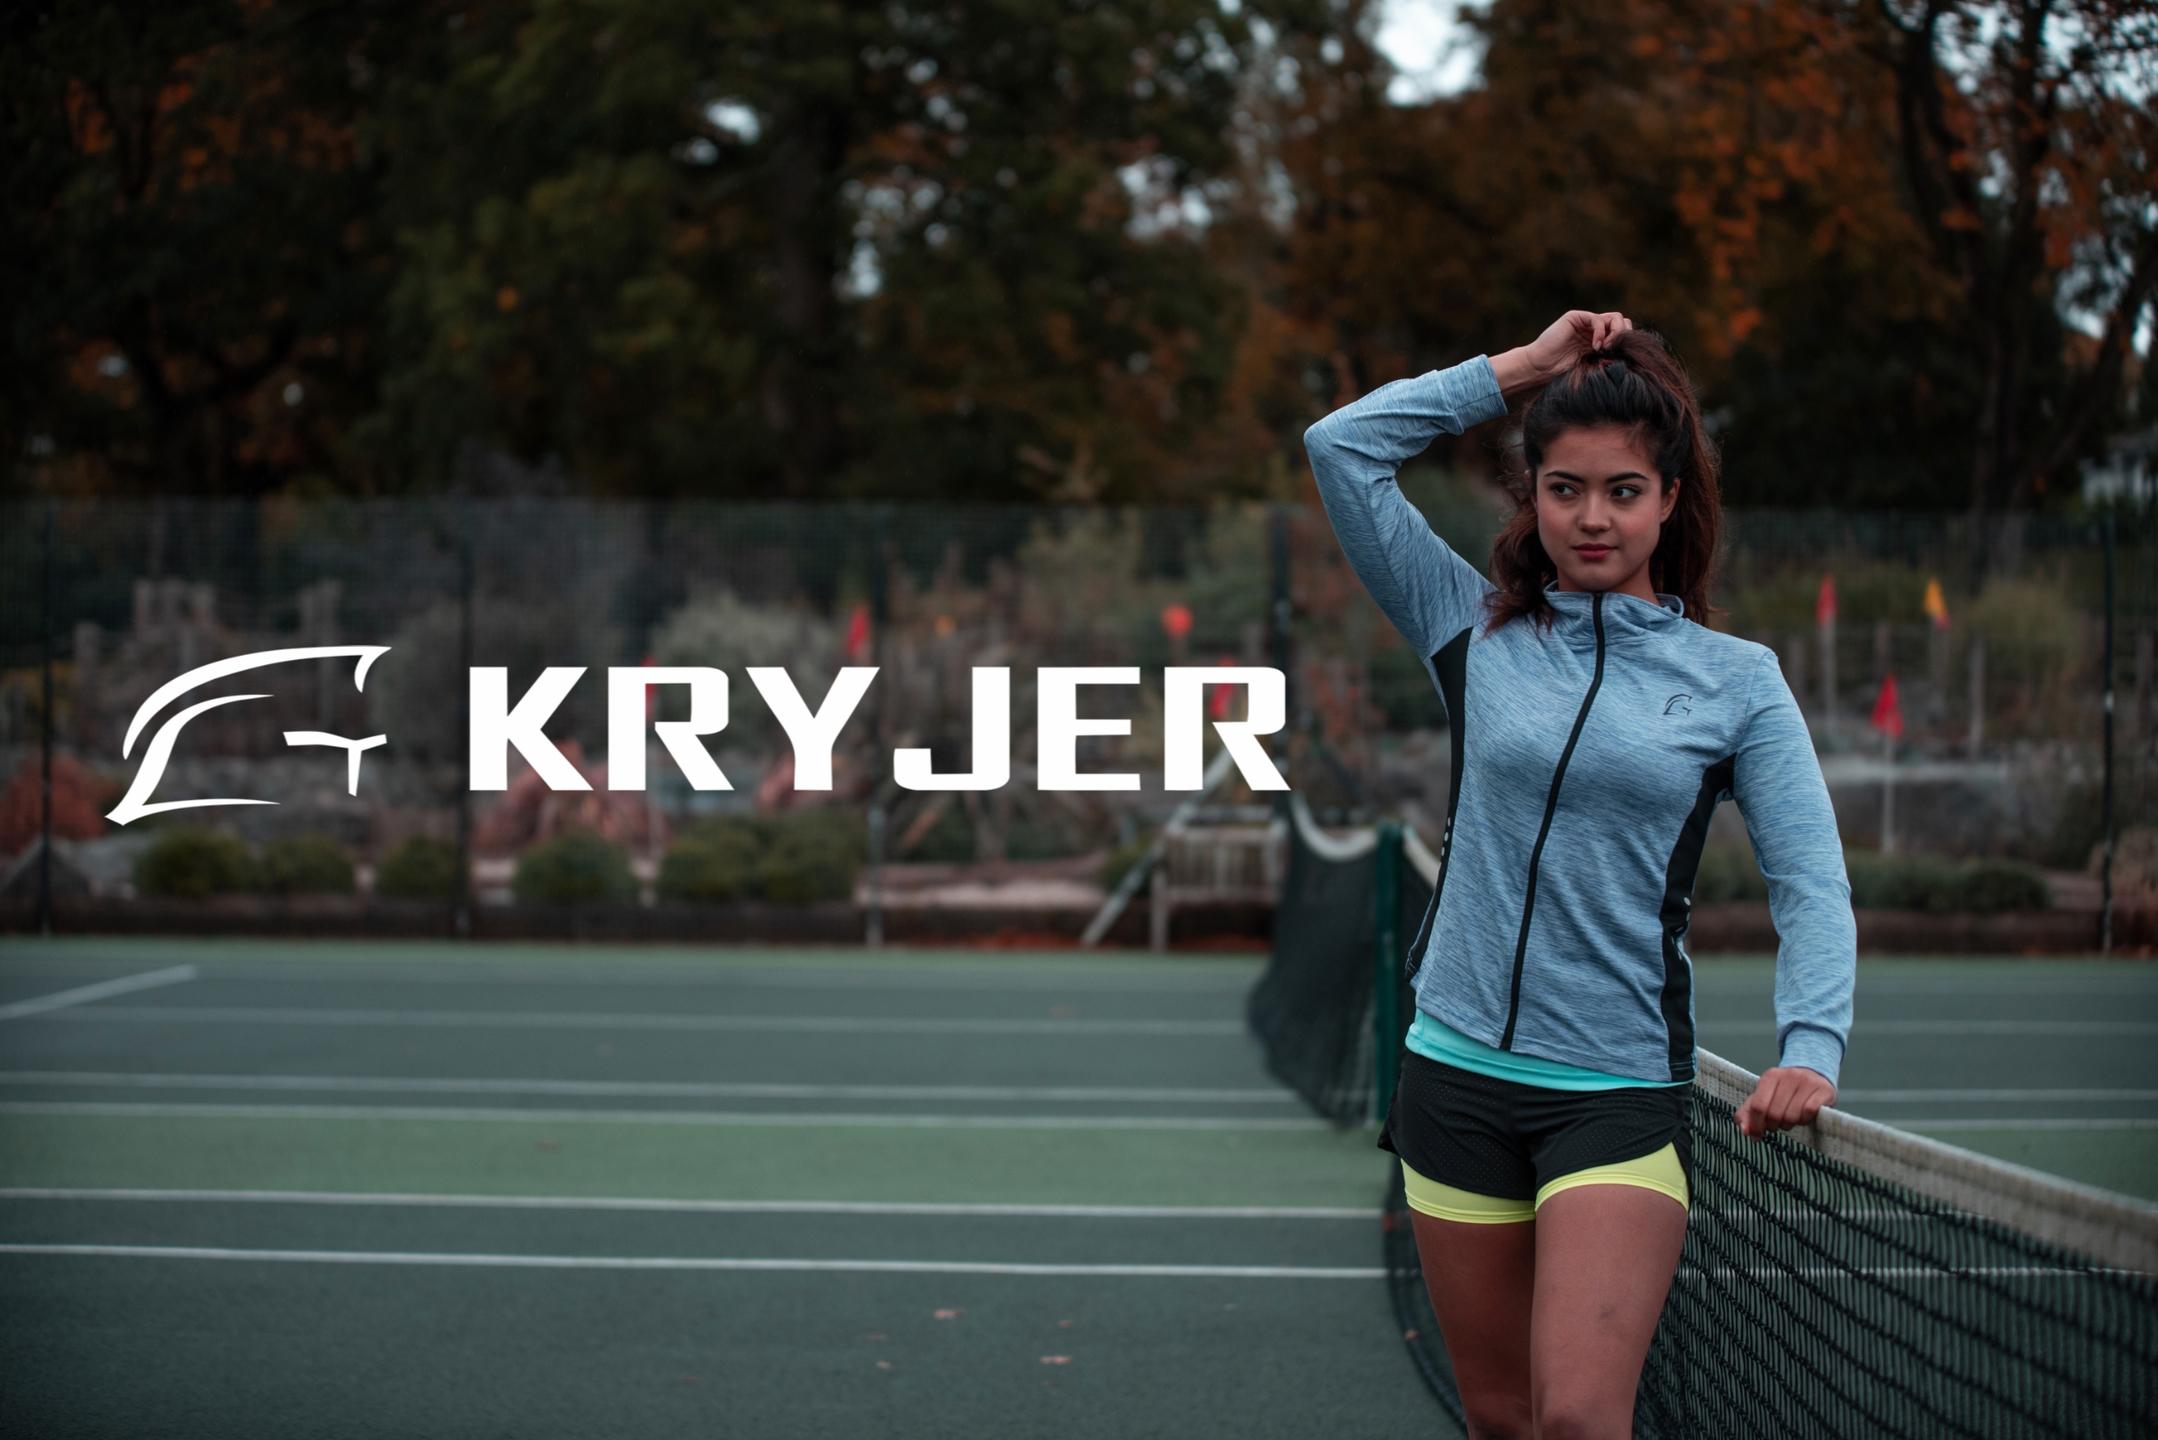 Kryejr  (@kryjer) Cover Image